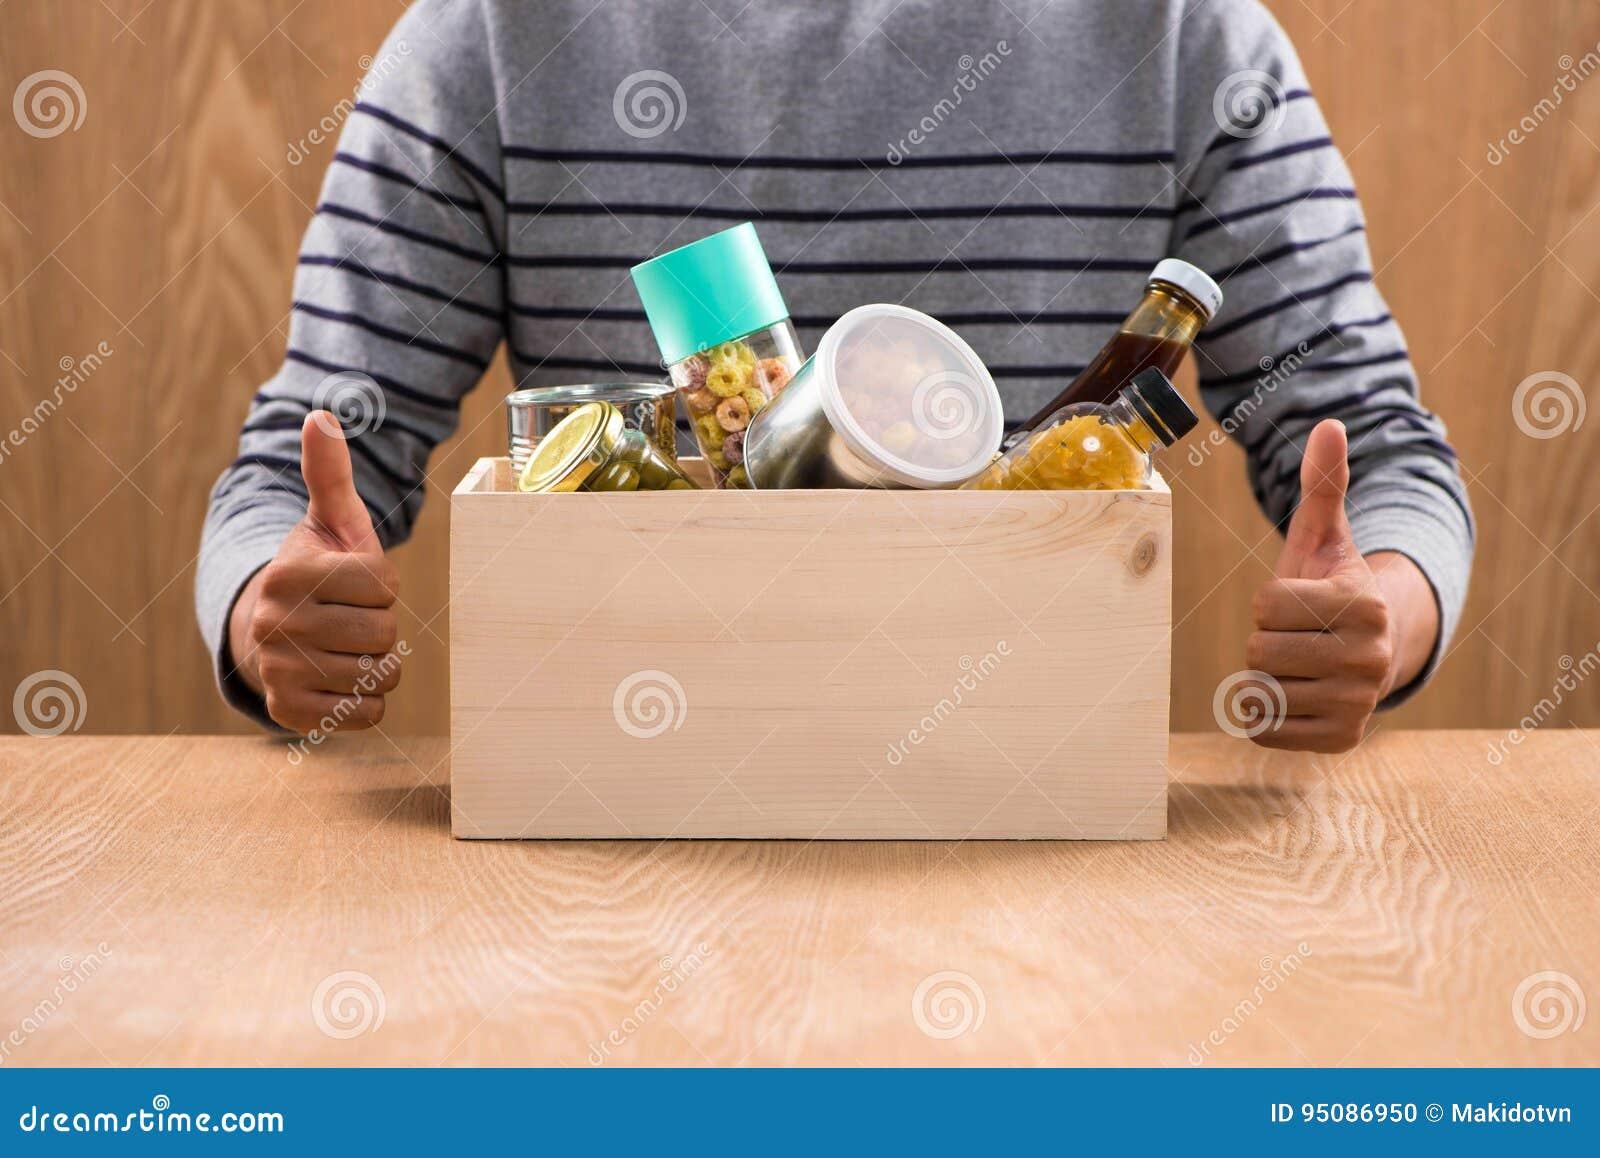 Vrijwilliger met schenkingsdoos met levensmiddelen op houten achtergrond